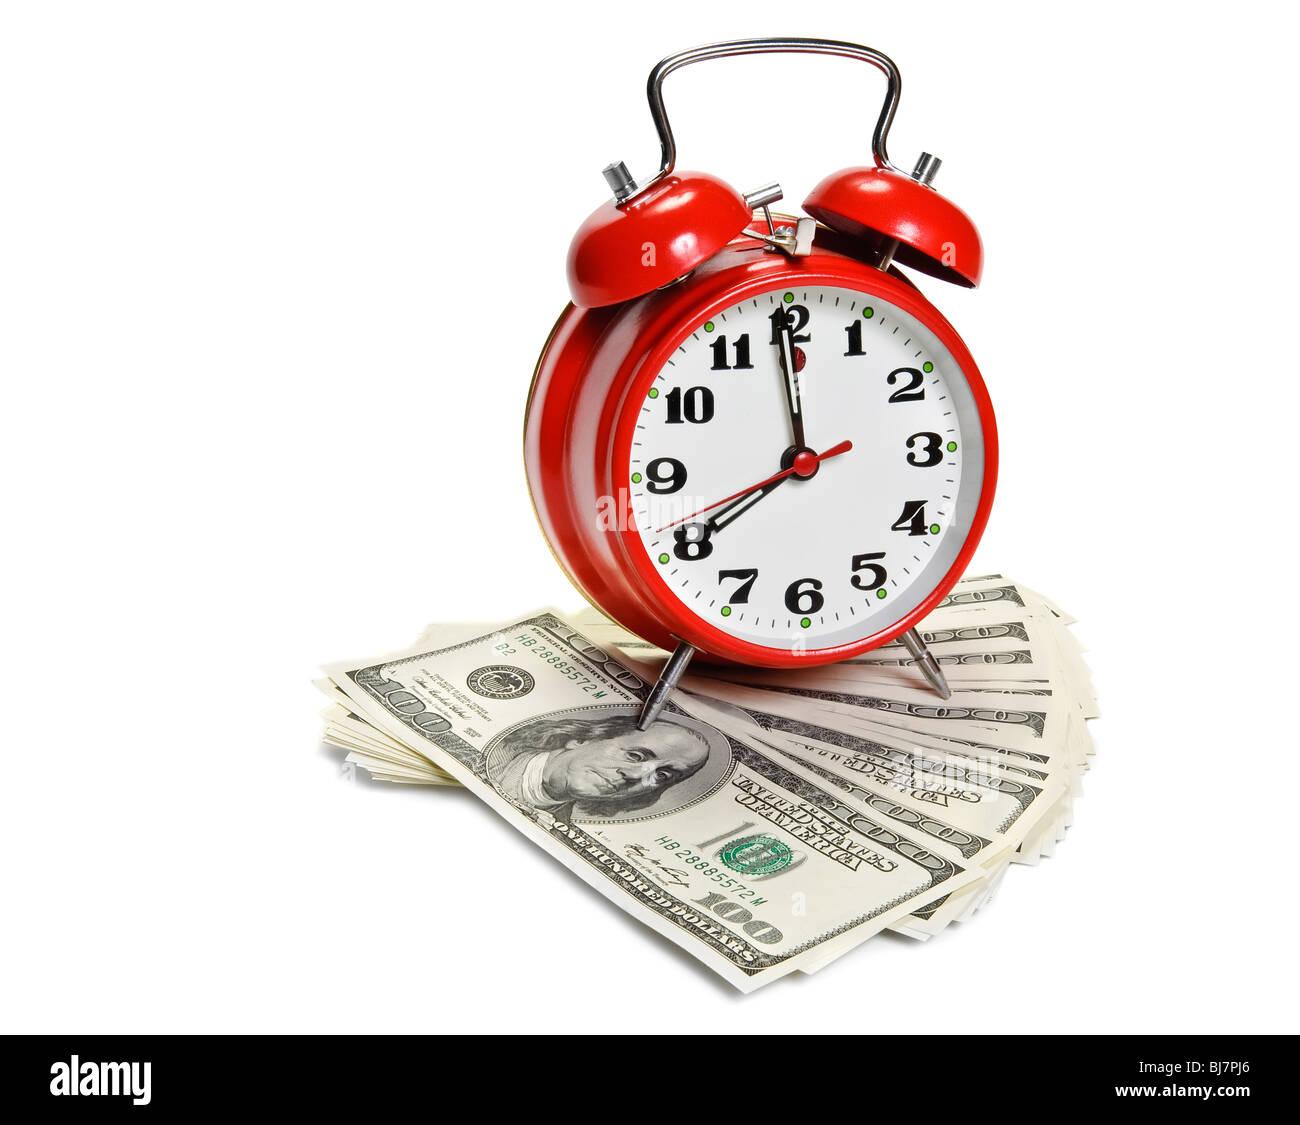 """""""El tiempo es dinero"""" concepto - Reloj despertador clásico en dólares Imagen De Stock"""